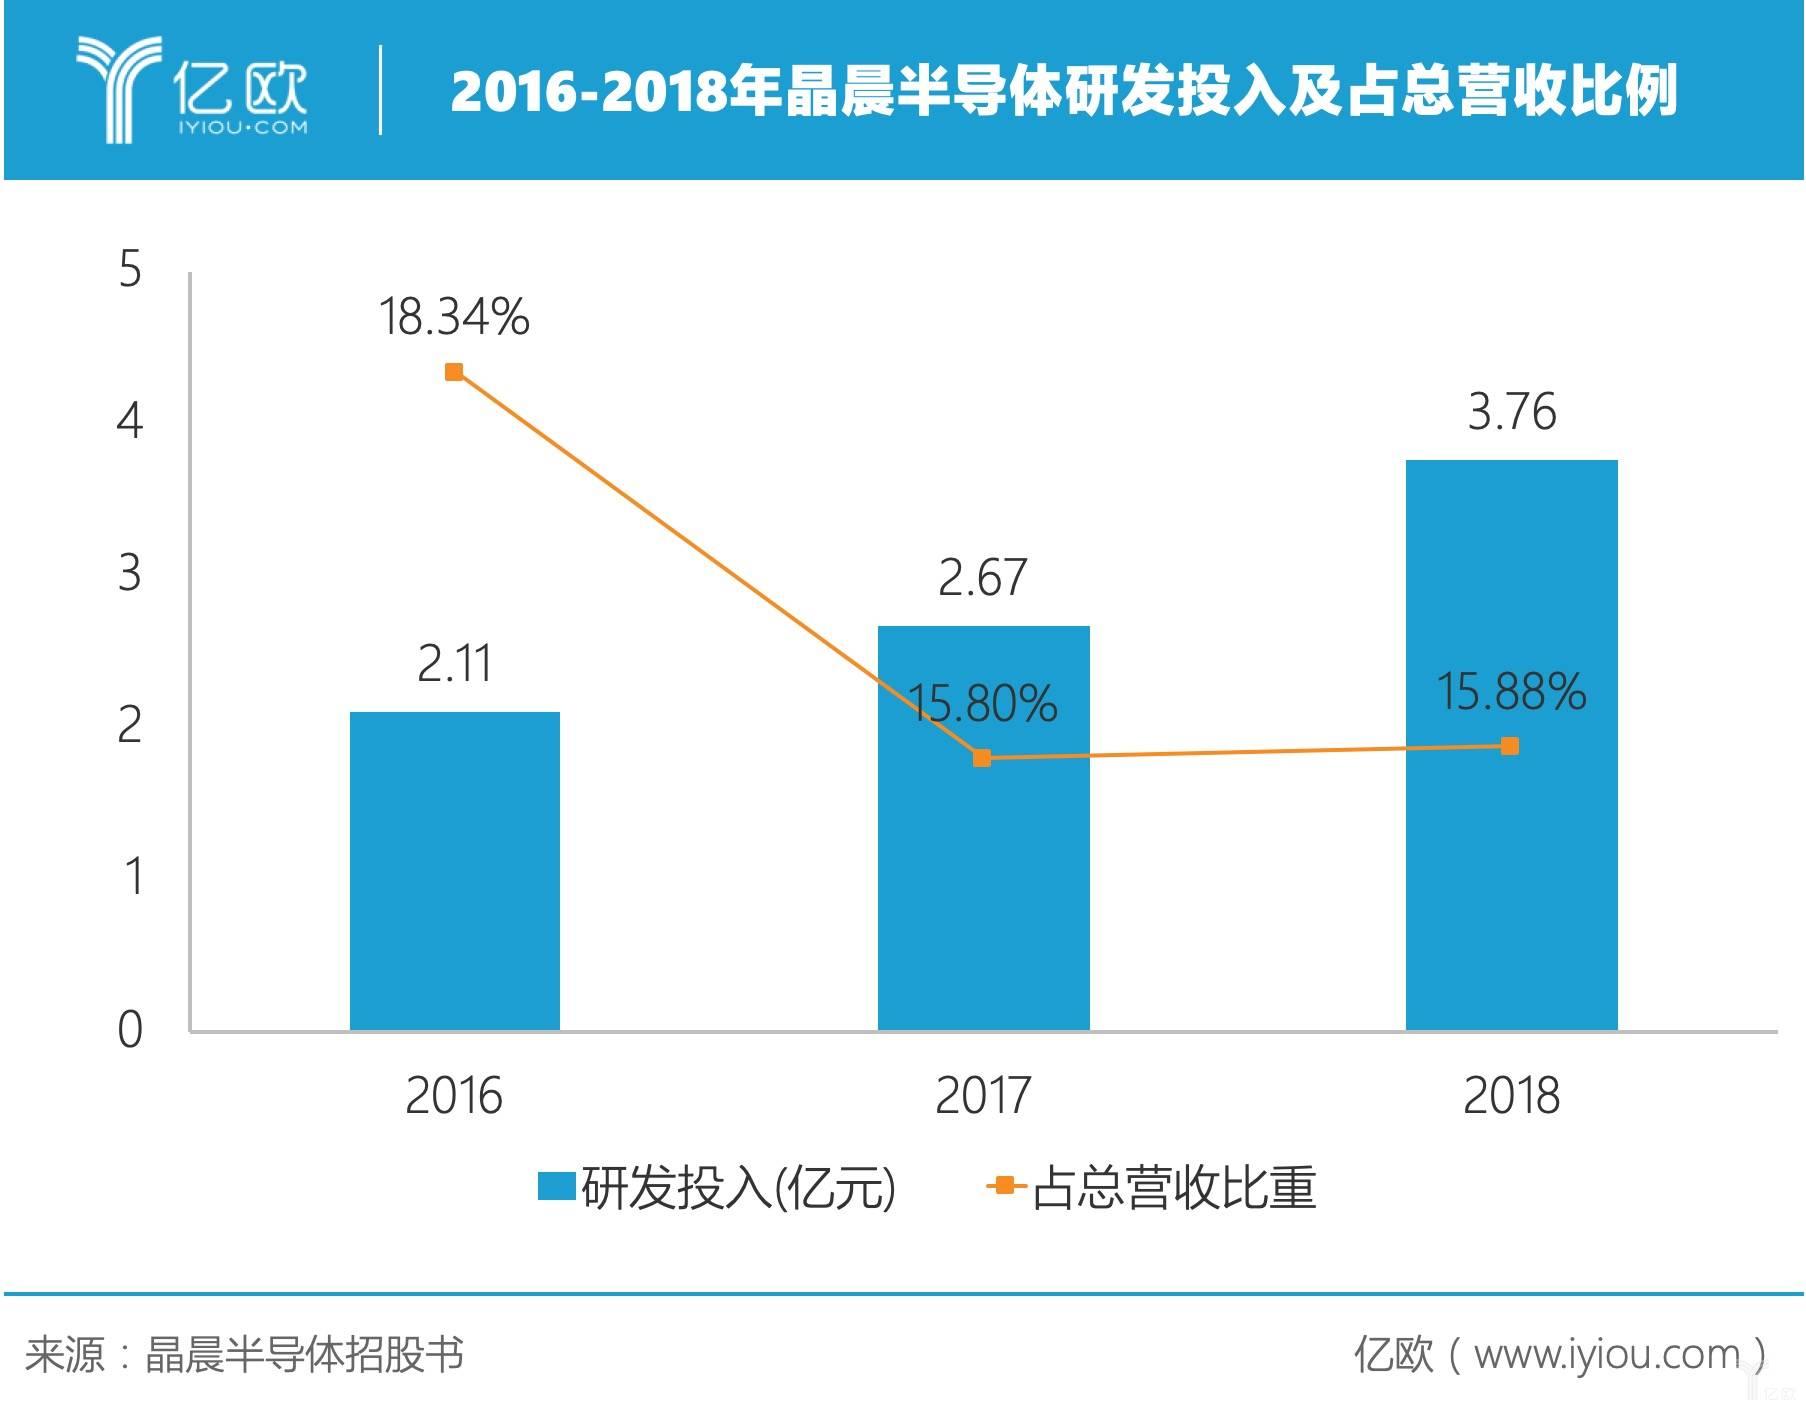 2016-2018年晶晨半导体研发投入占总营收比例.jpeg